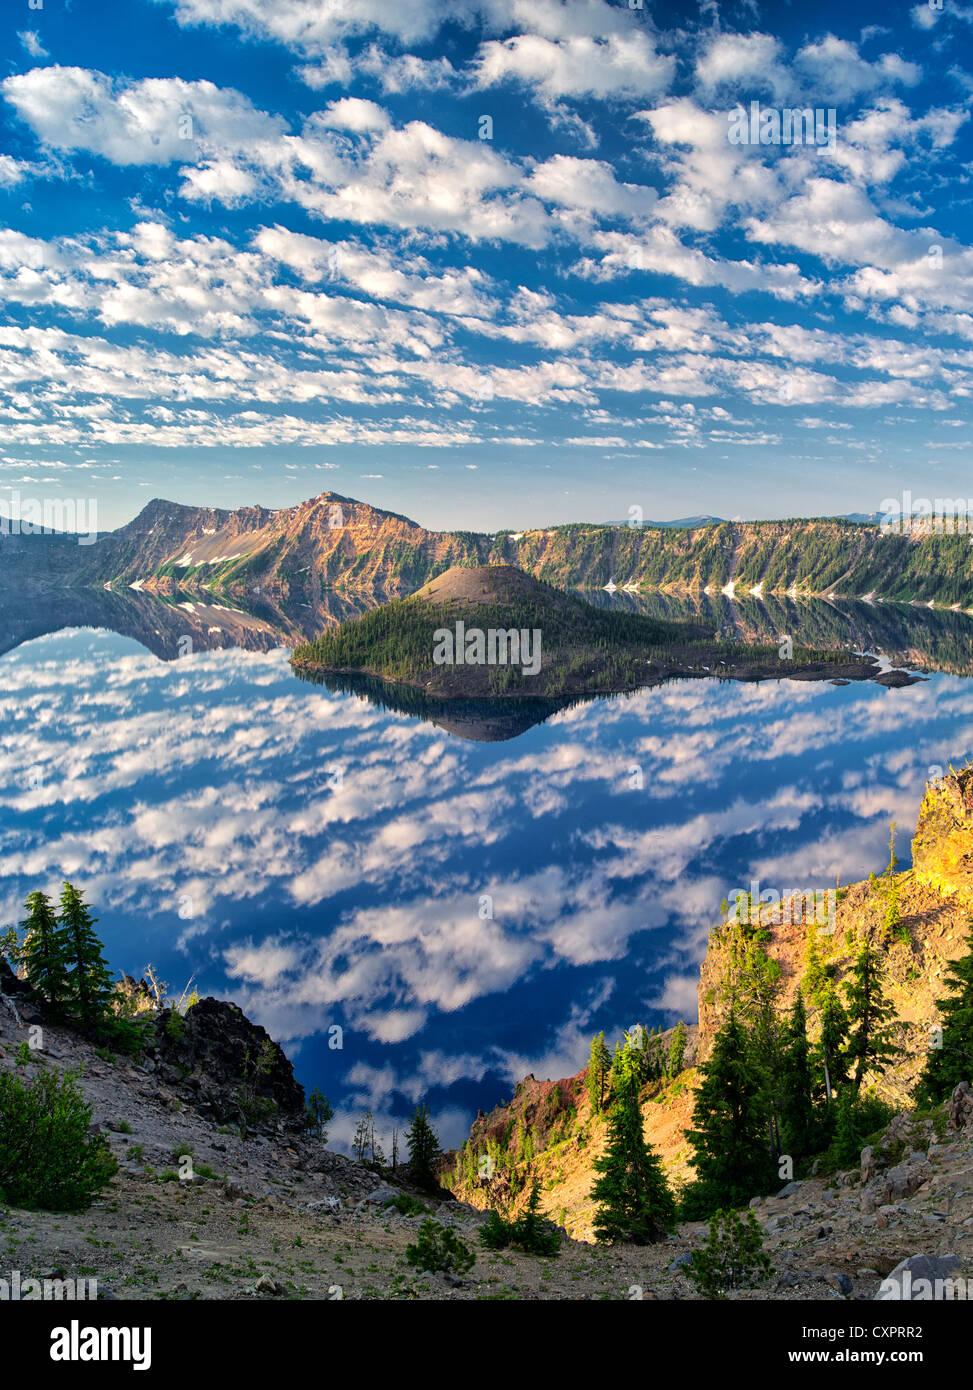 La réflexion des nuages gonflés, le lac du cratère et de l'île de l'Assistant. Crater Photo Stock